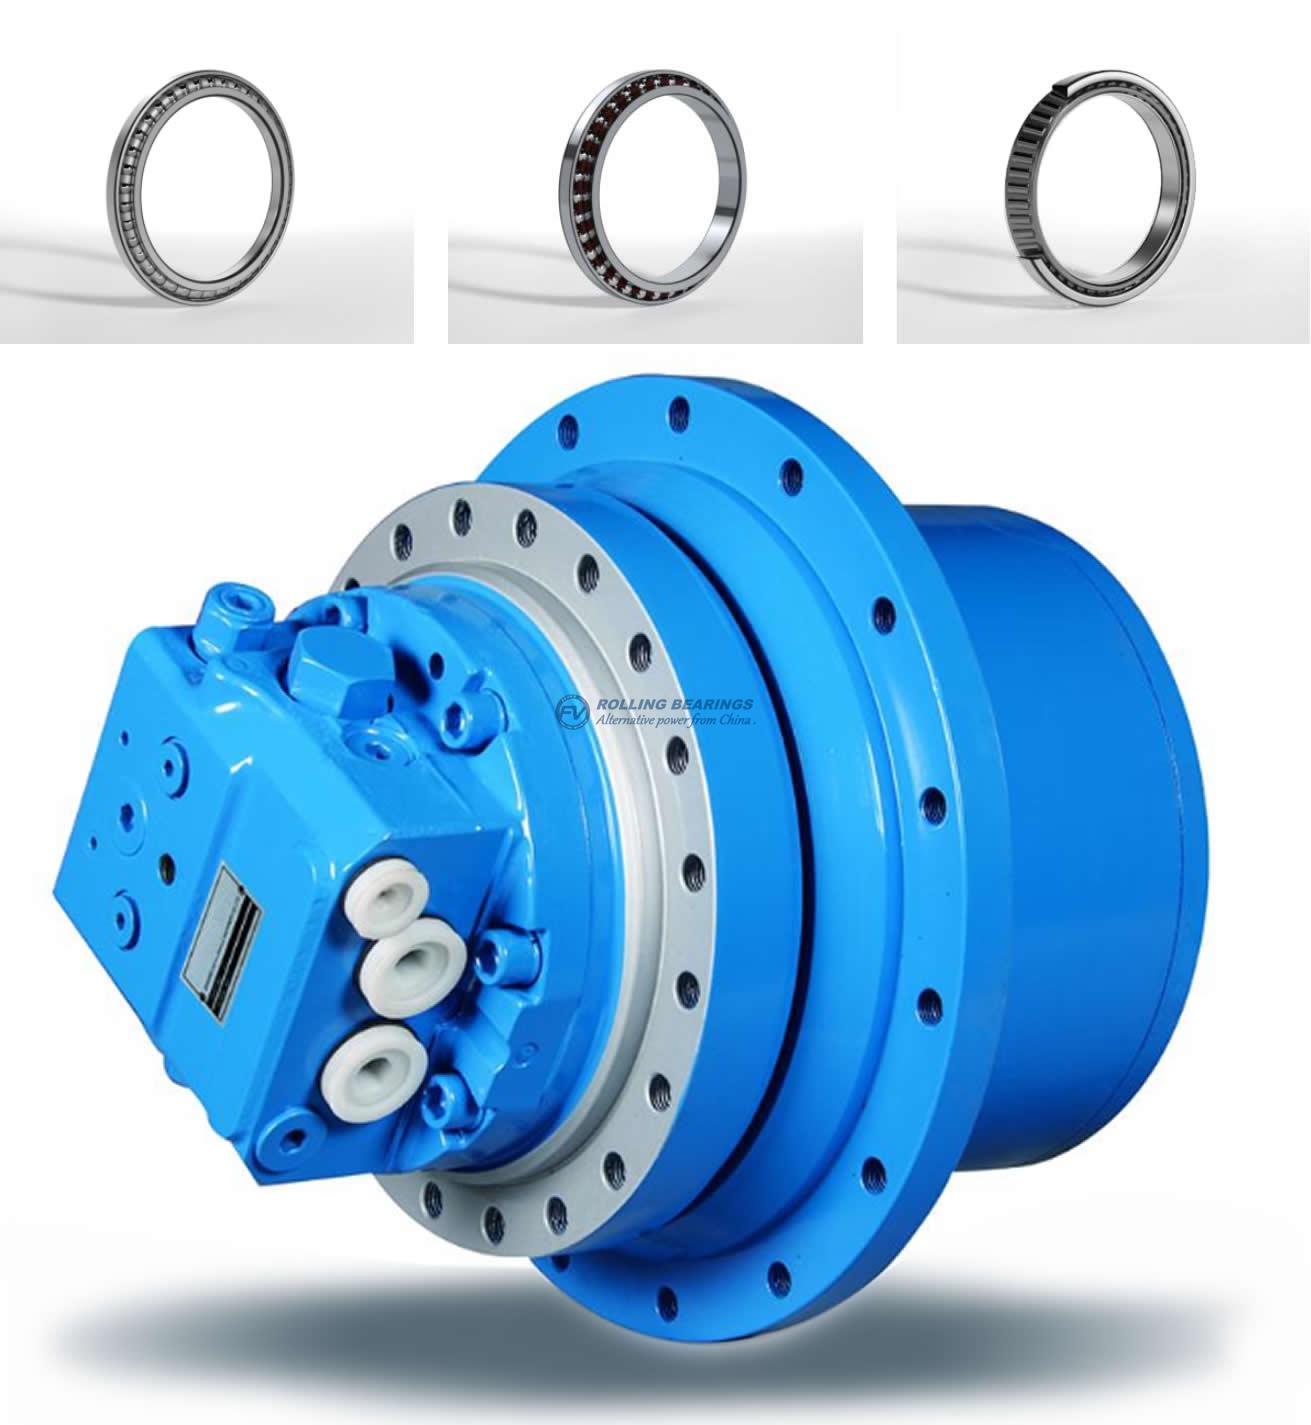 FV Bearings for Crawler wheel planetary reducer.  Excavator Crawler wheel planetary reducer bearings, Crawler crane wheel planetary reducer bearings